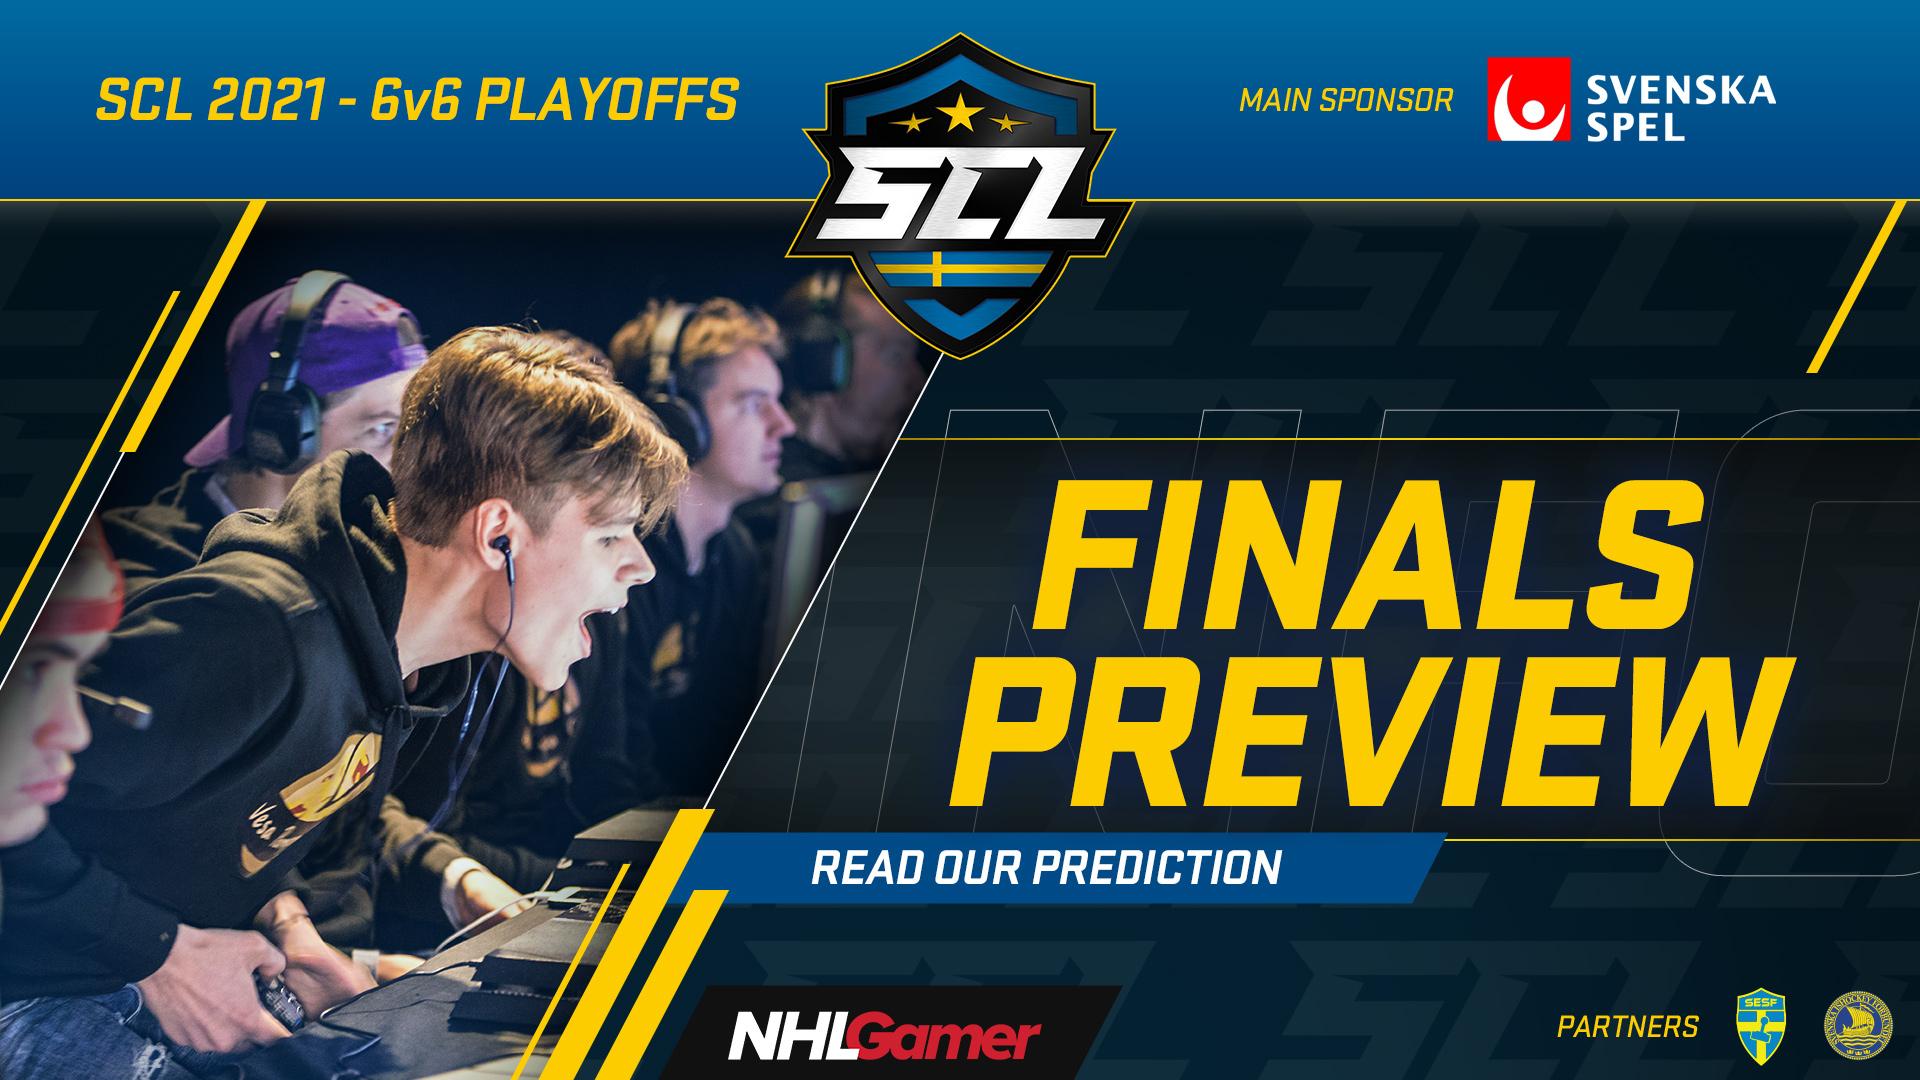 SCL_2021_6v6_Finals_Prediction.jpg